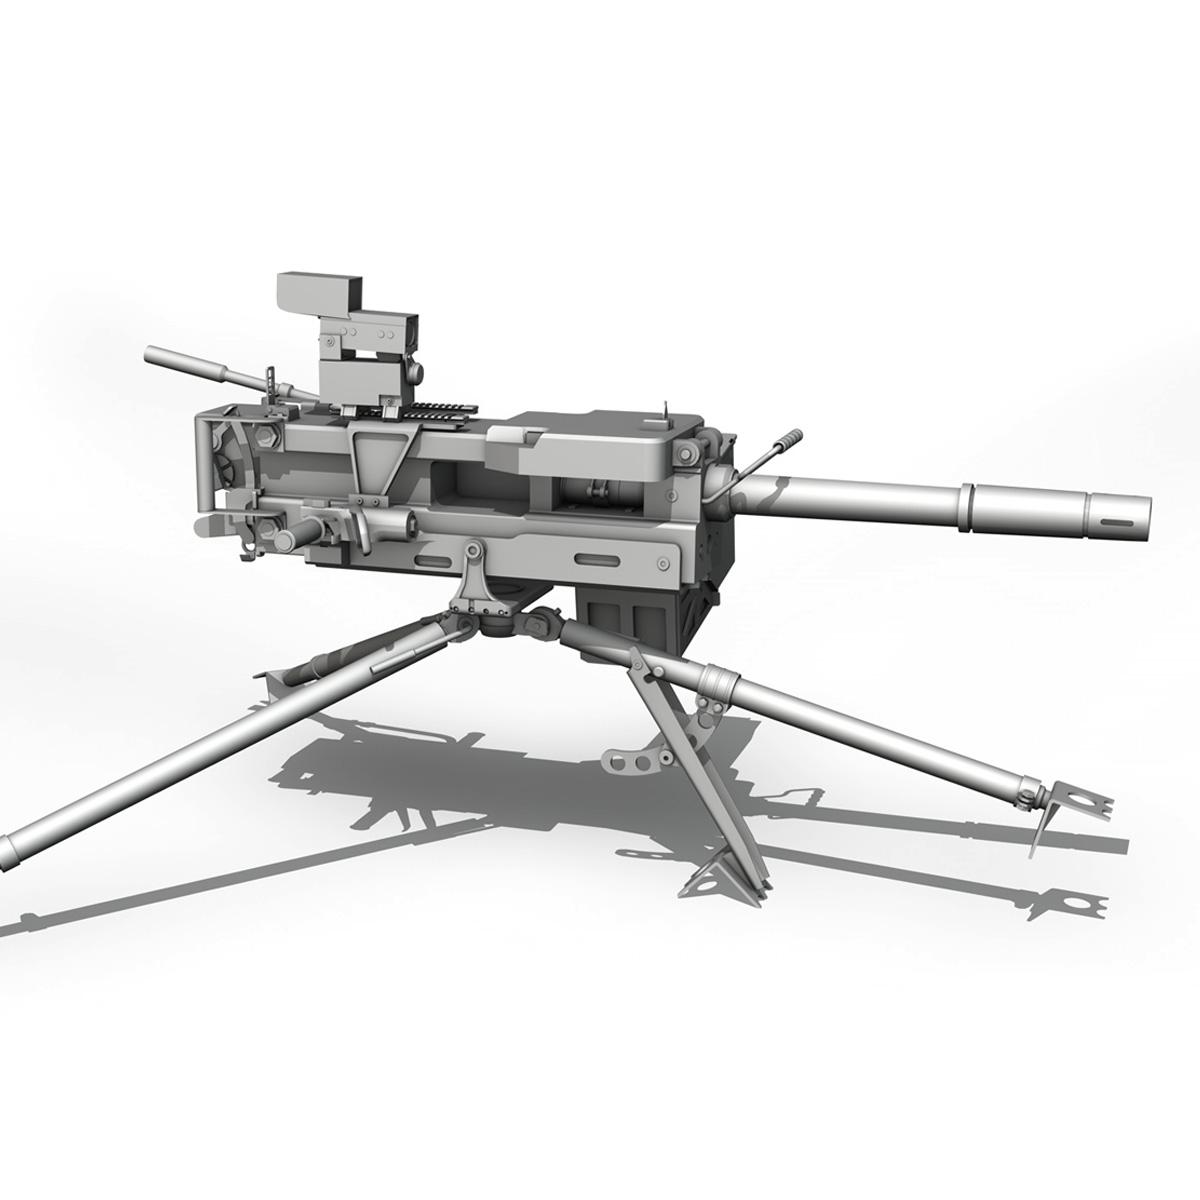 40mm Гранат машин буу gmg 3d загвар c4d lwo 3dm obj 264301